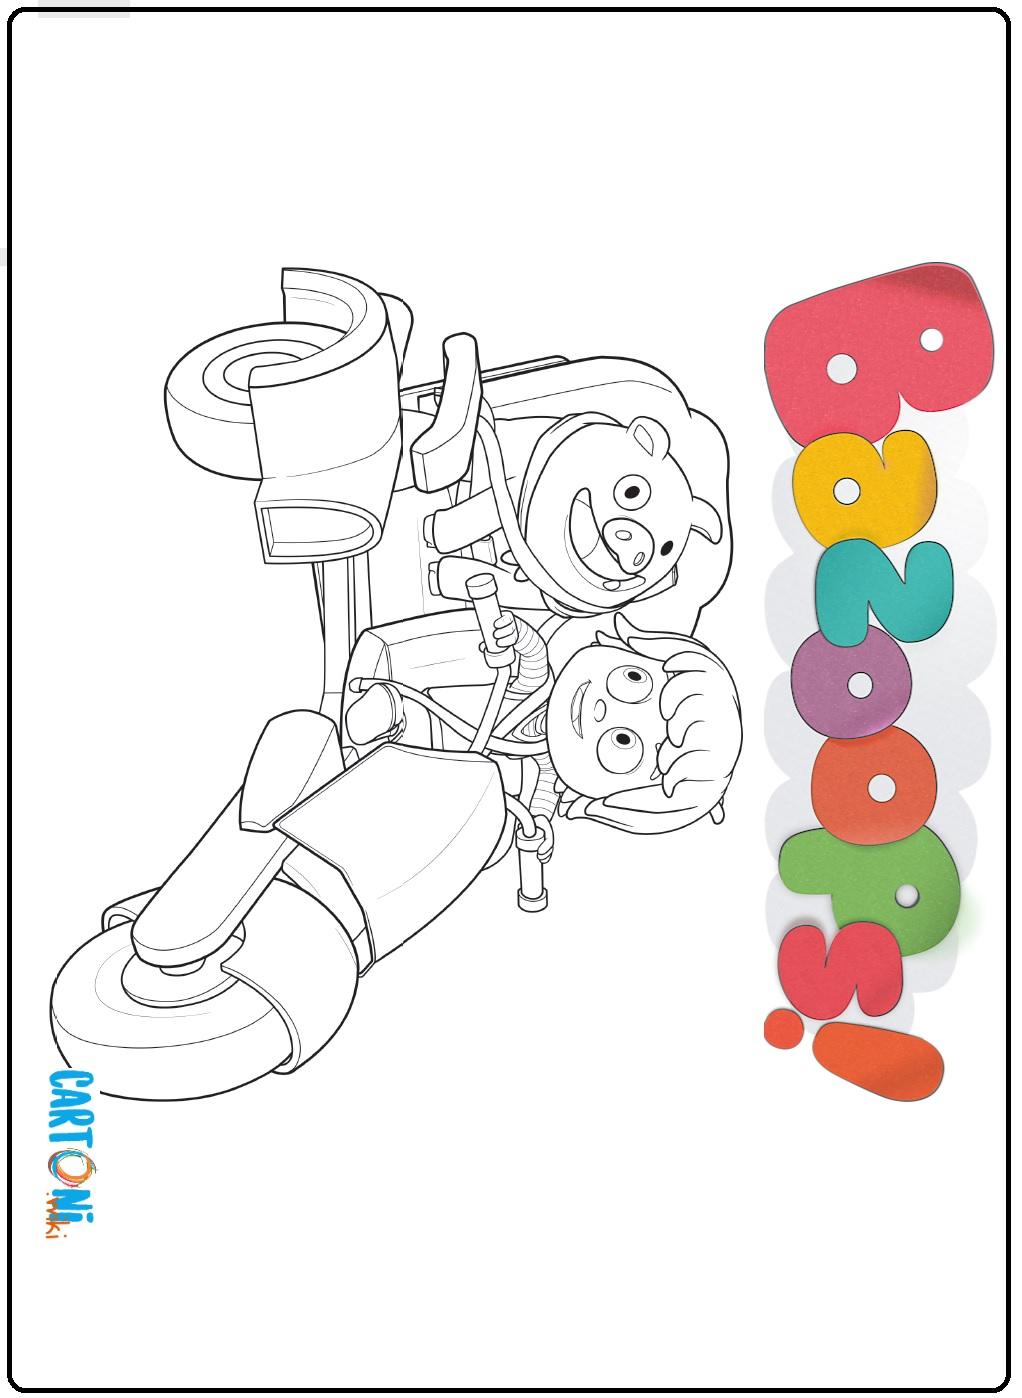 Bazoops disegno di Montly e Jimmy Jones - Disegni da colorare